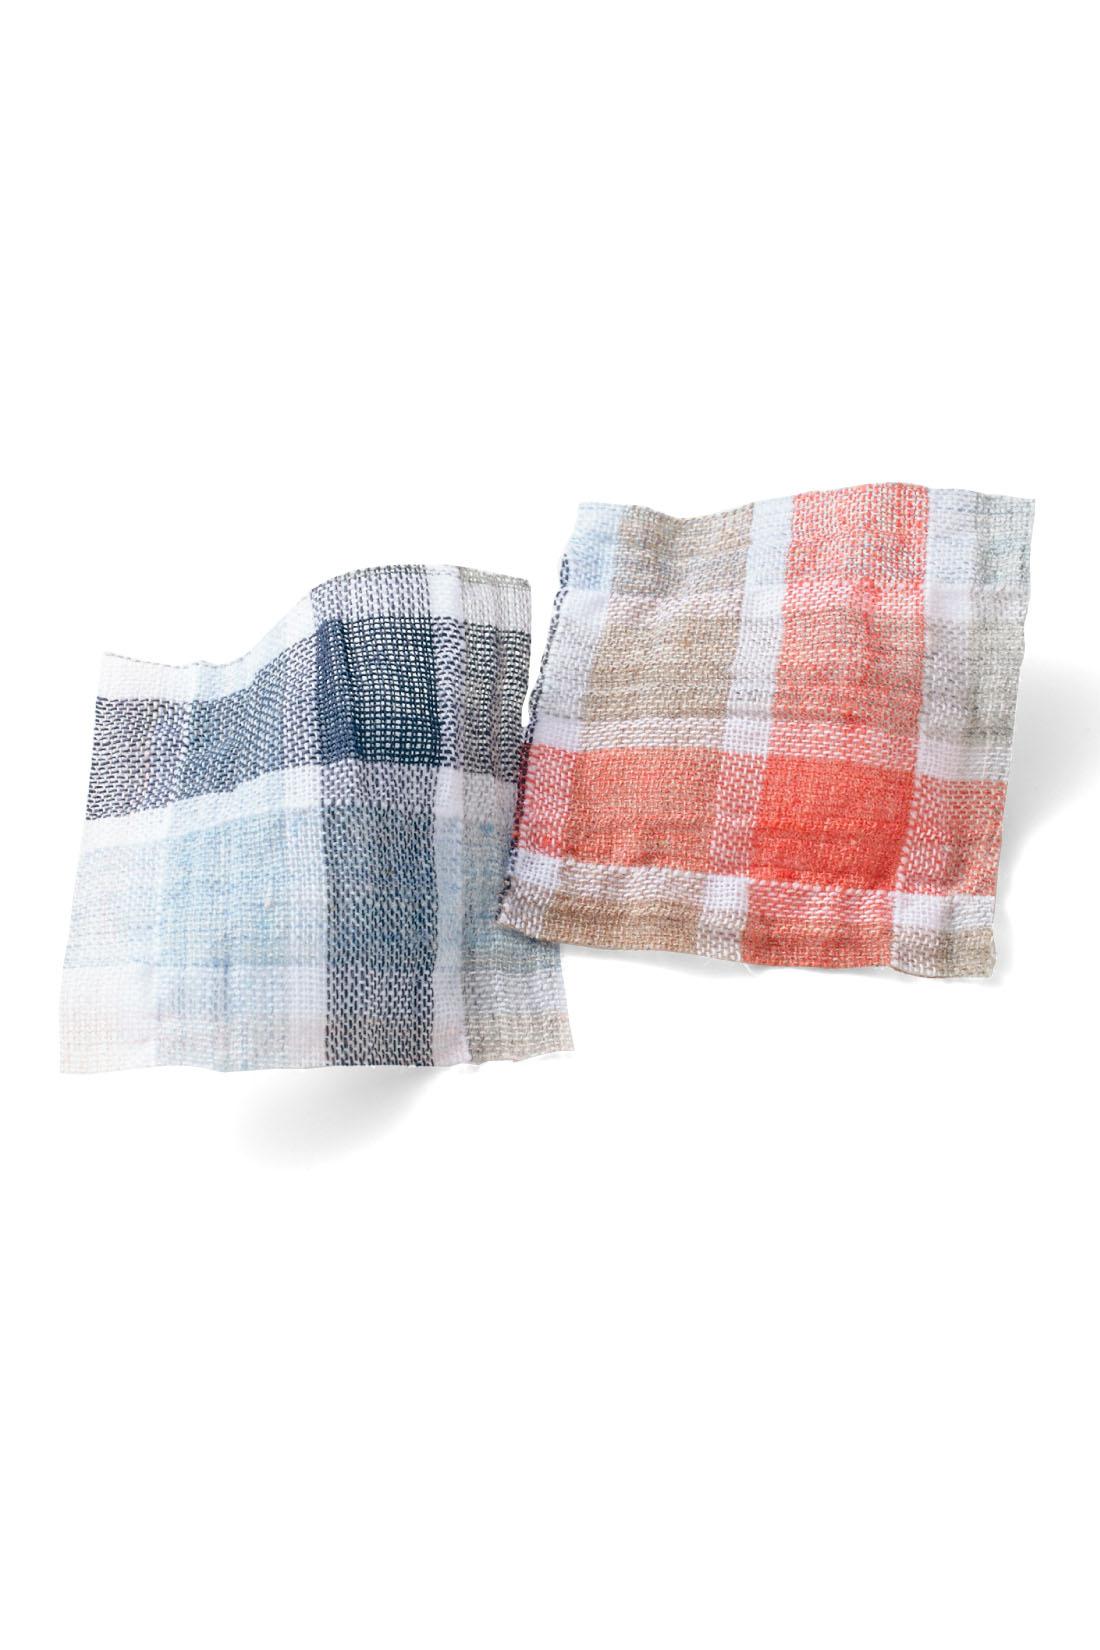 薄手の綿にストレッチ糸を入れてくしゅくしゅさせた素材。さらりとドライな肌心地。